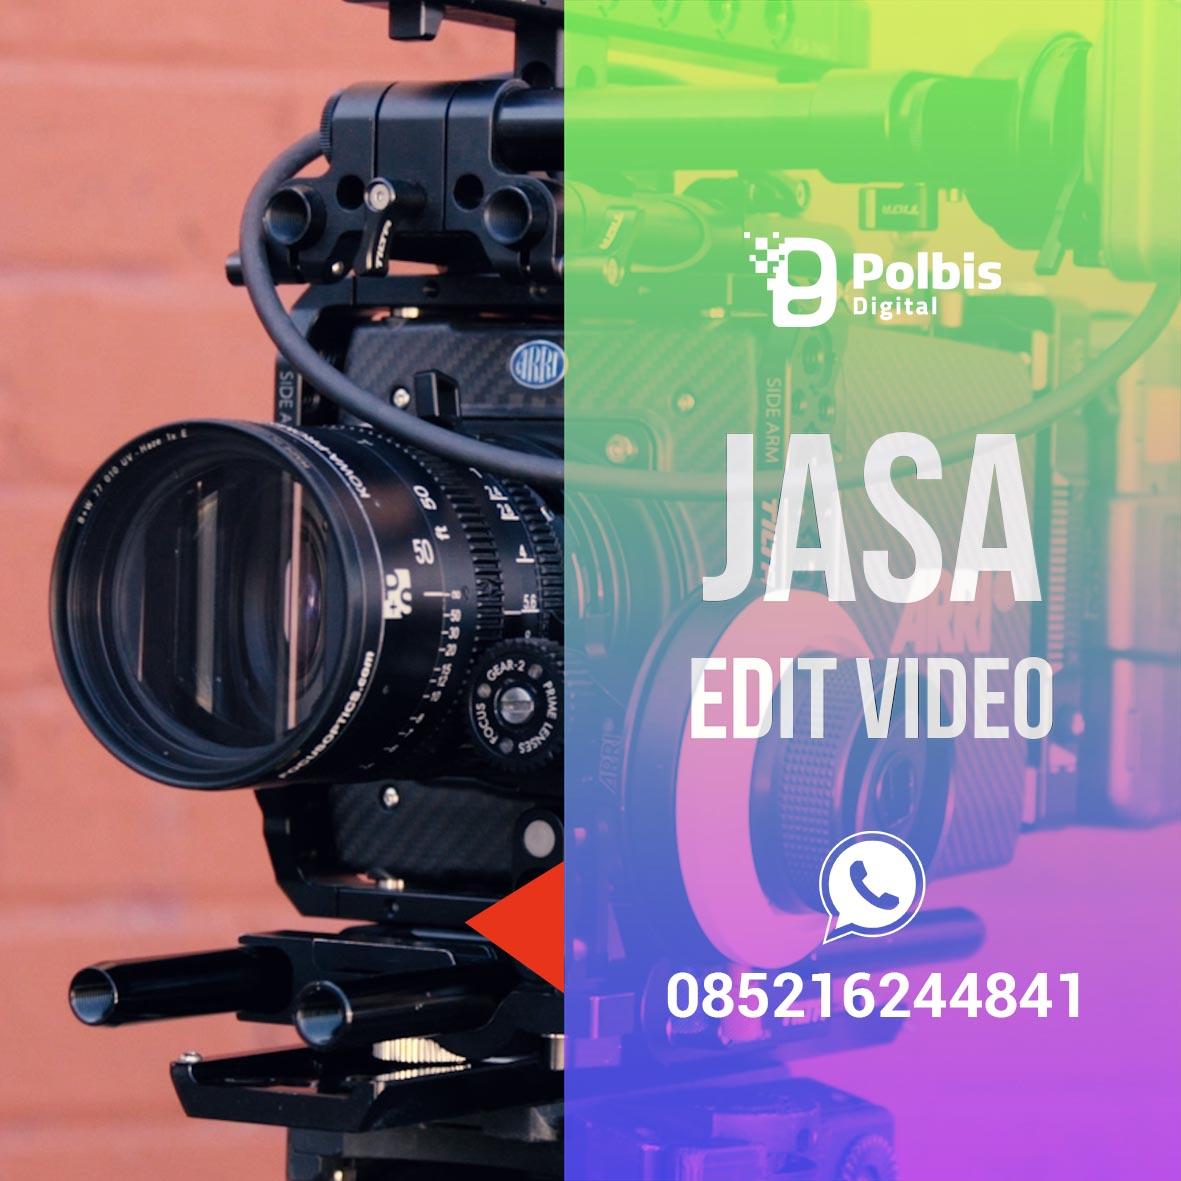 JASA EDIT VIDEO MURAH DAN BERKUALITAS DI JAYAPURA